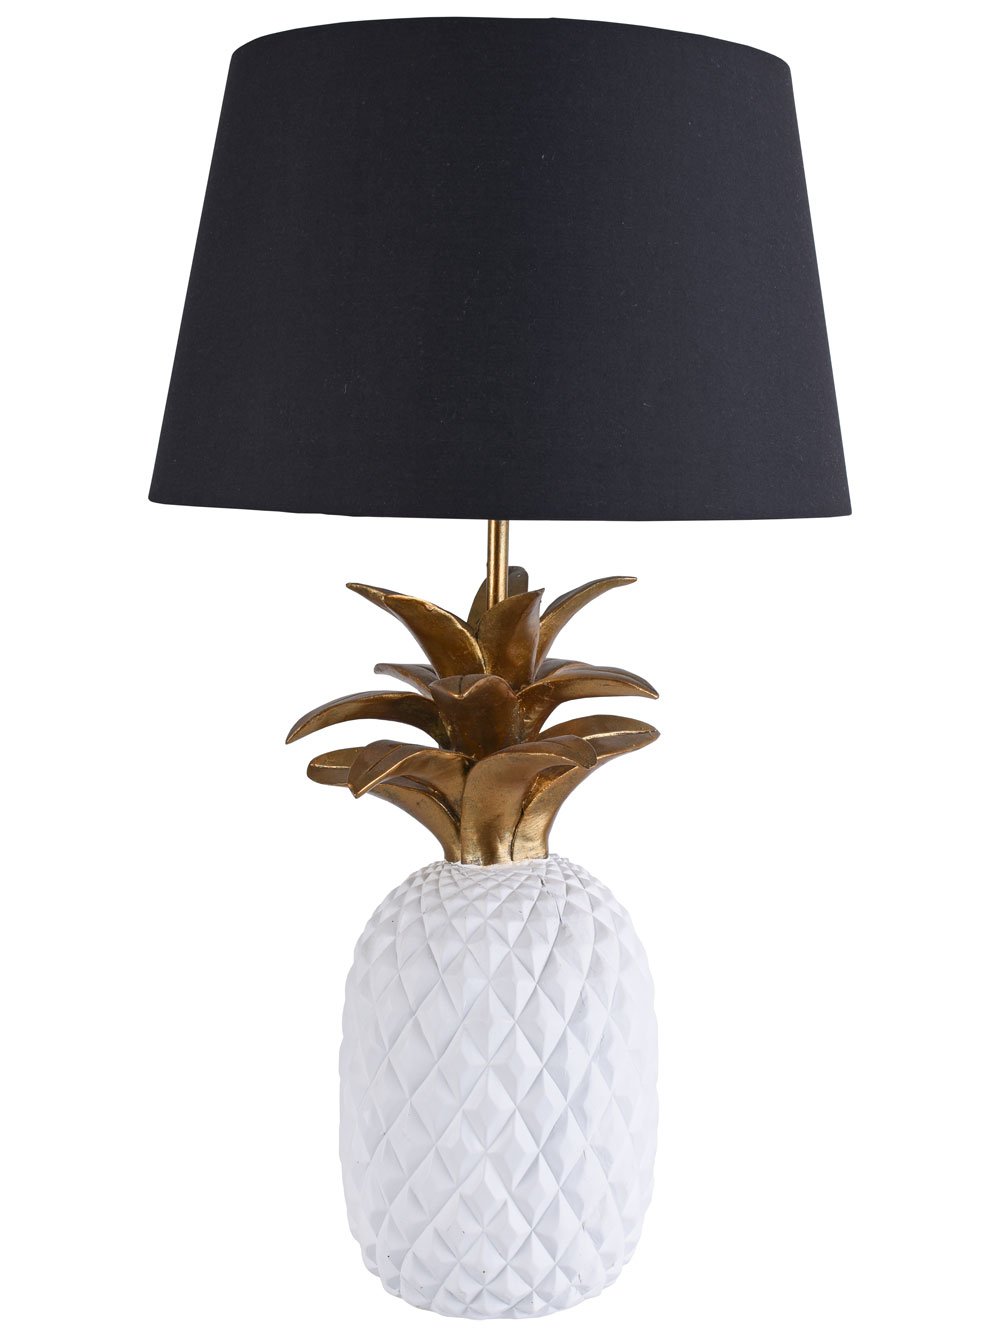 Pineapple Tischleuchte Ananas Gold Lampe Tischlampe Nachttischlampe Leuchte neu